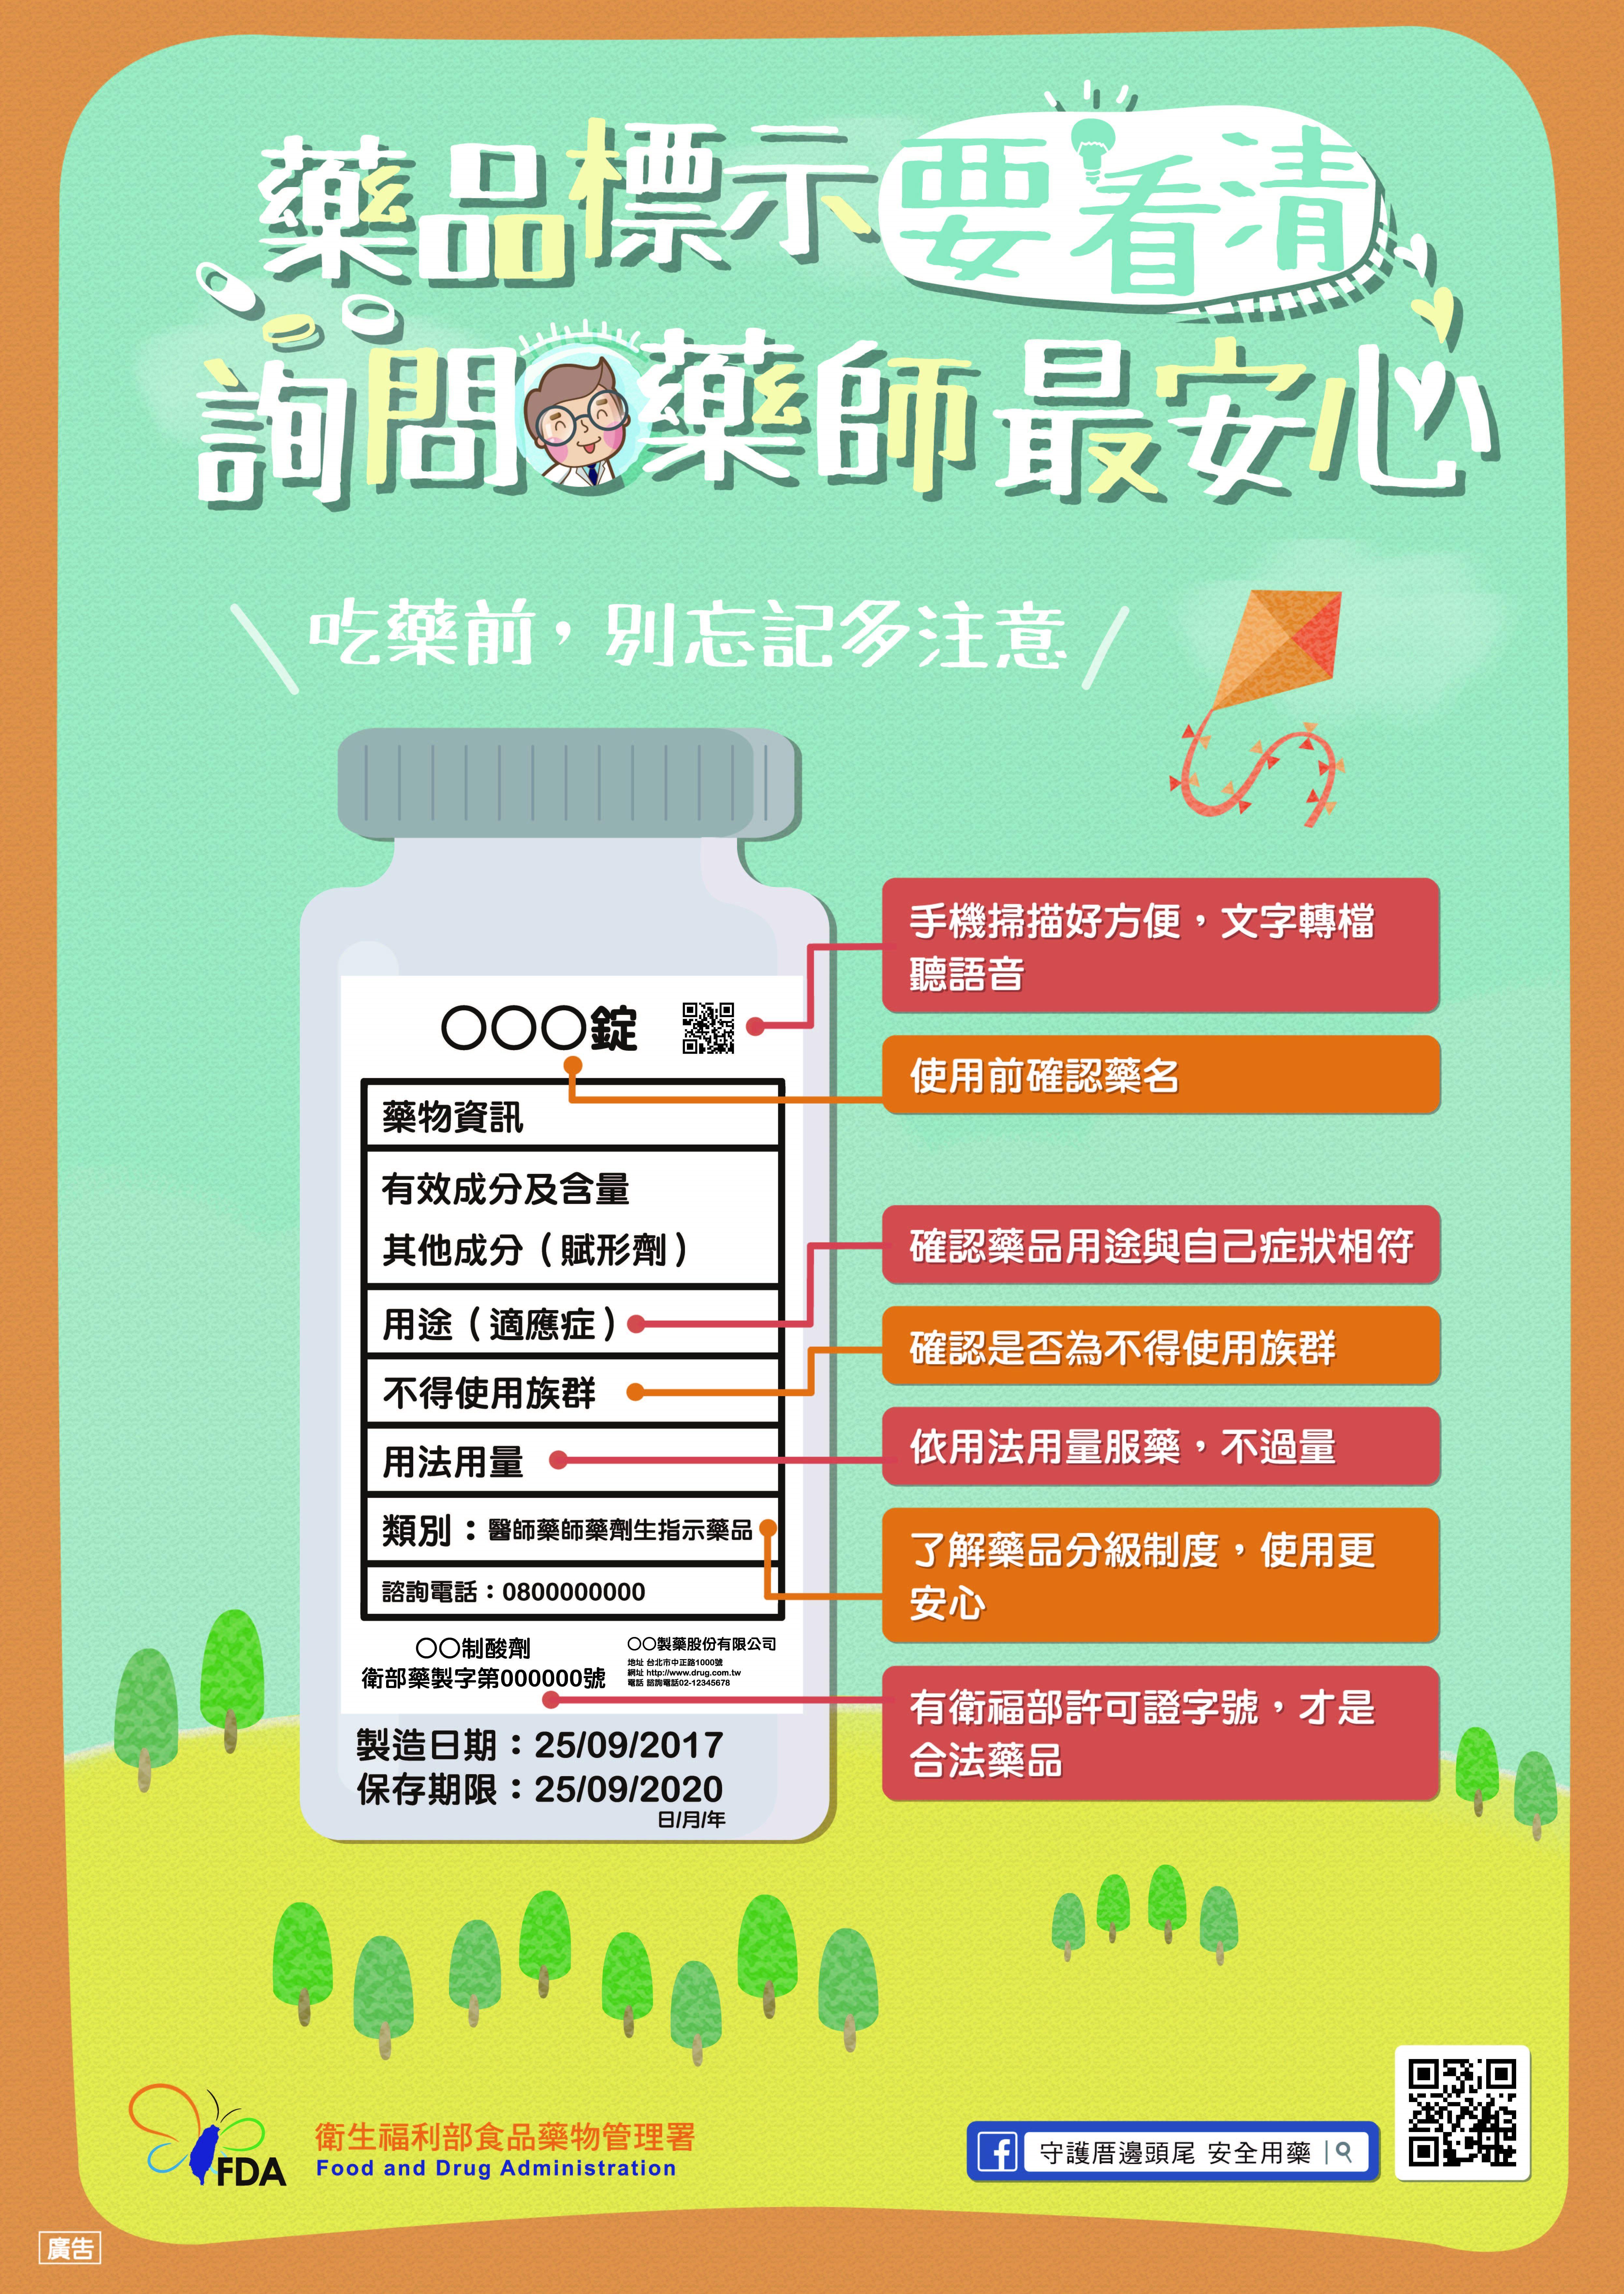 藥品標示要看清_詢問藥師最安心(圖片)